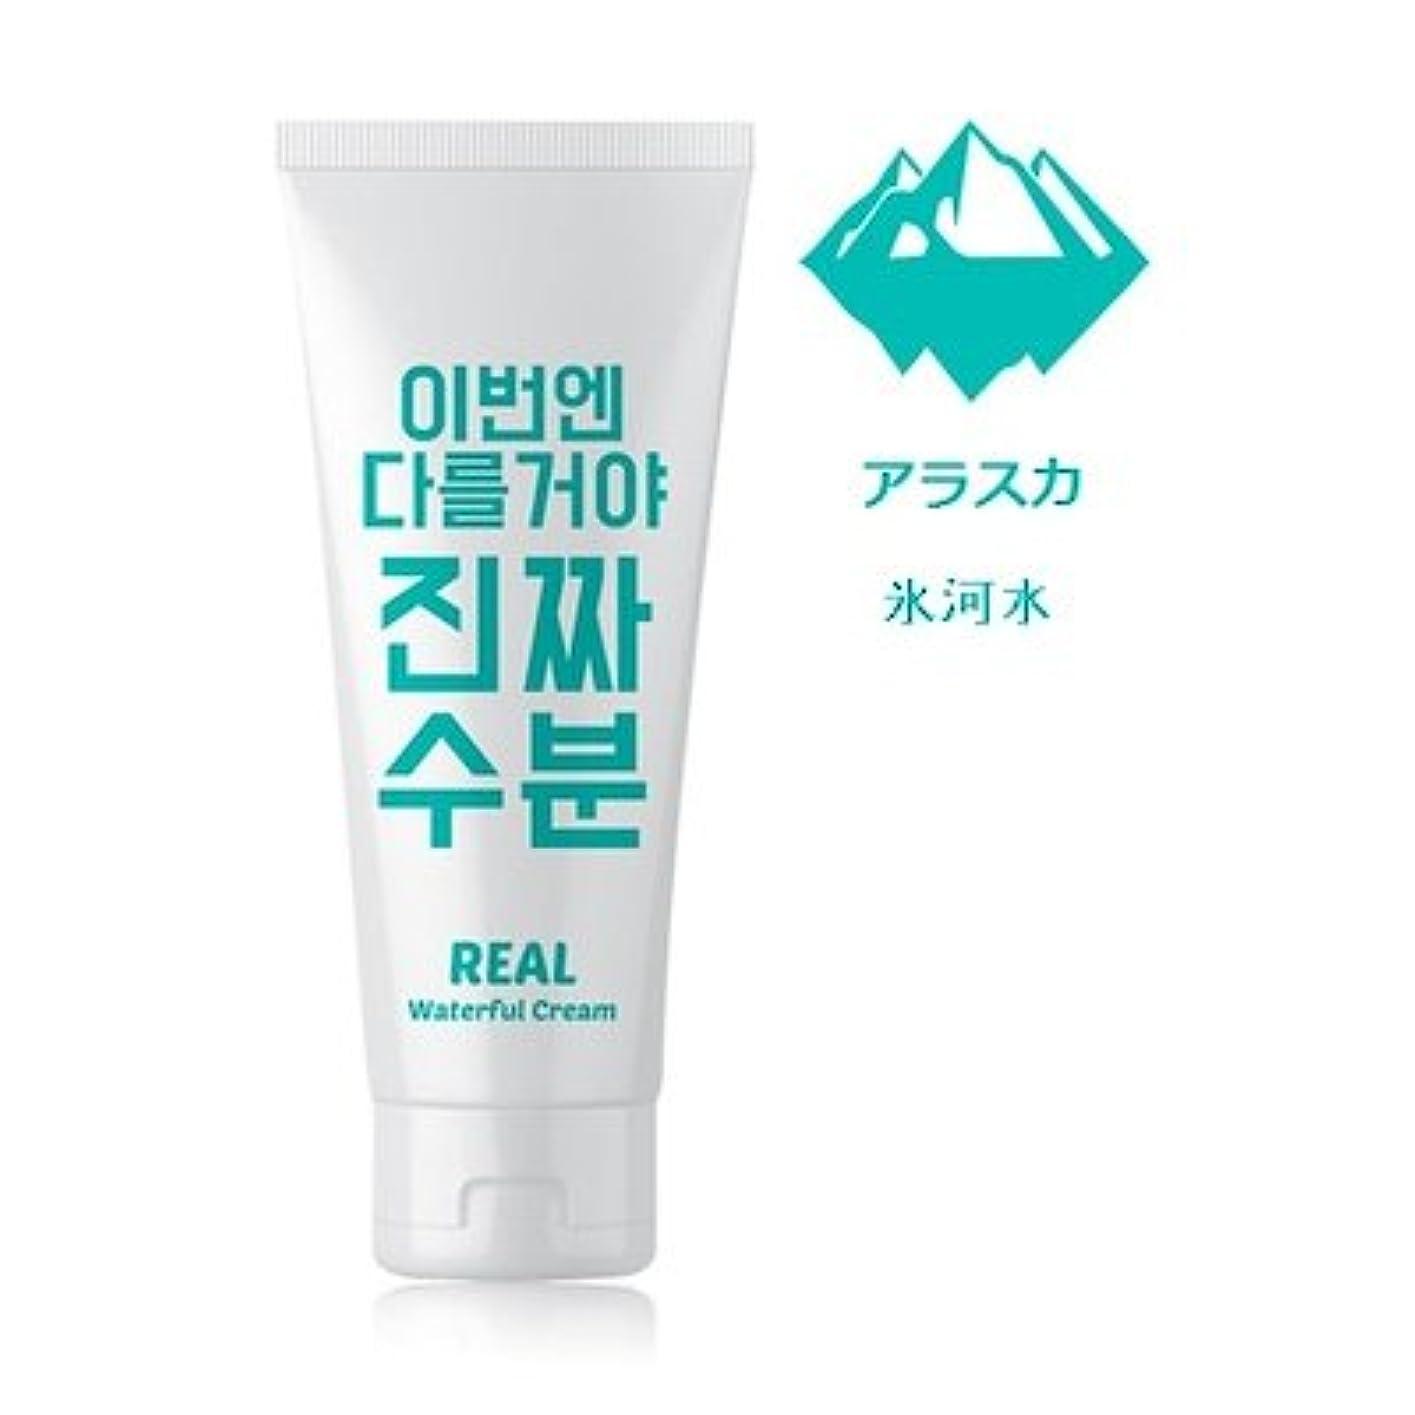 命令的マークダウン電話Jaminkyung Real Waterful Cream/孜民耕 [ジャミンギョン] 今度は違うぞ本当の水分クリーム 200ml [並行輸入品]